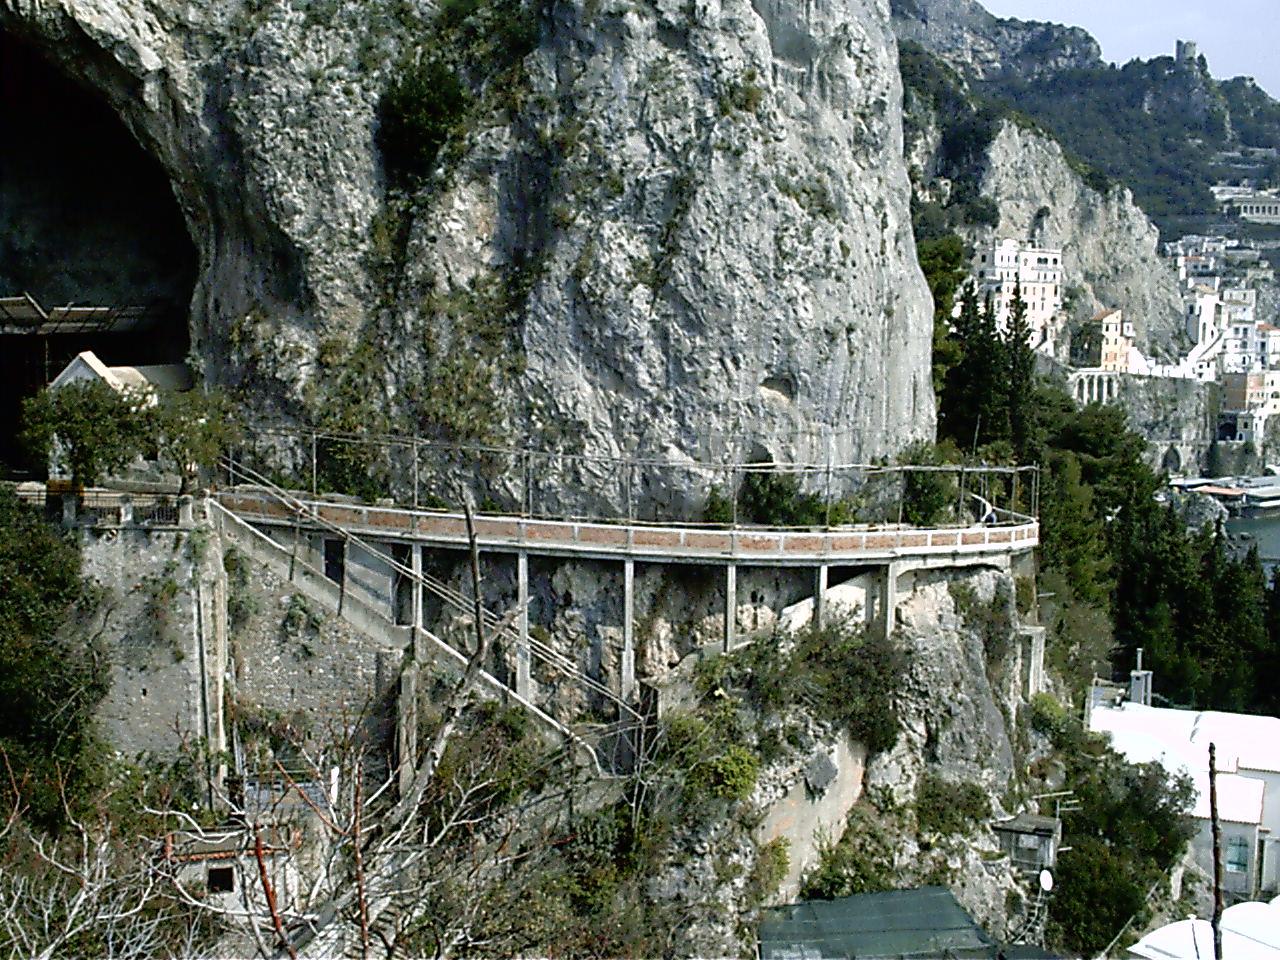 Amalfie, Italy